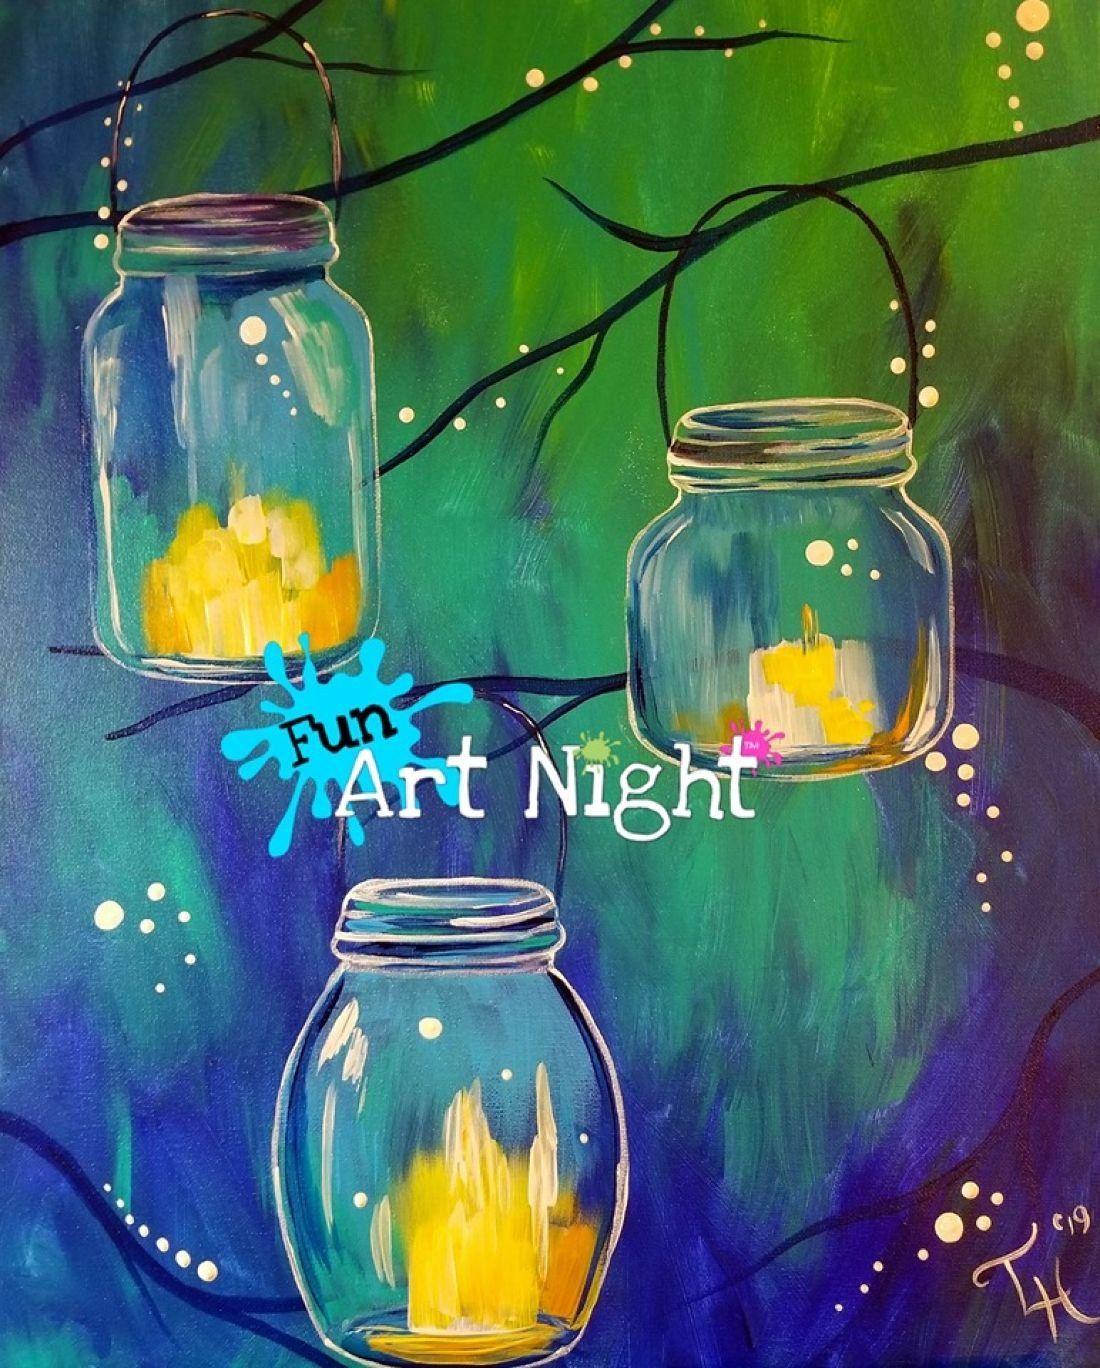 Fun Art Night Jars of Light in Charlottesville